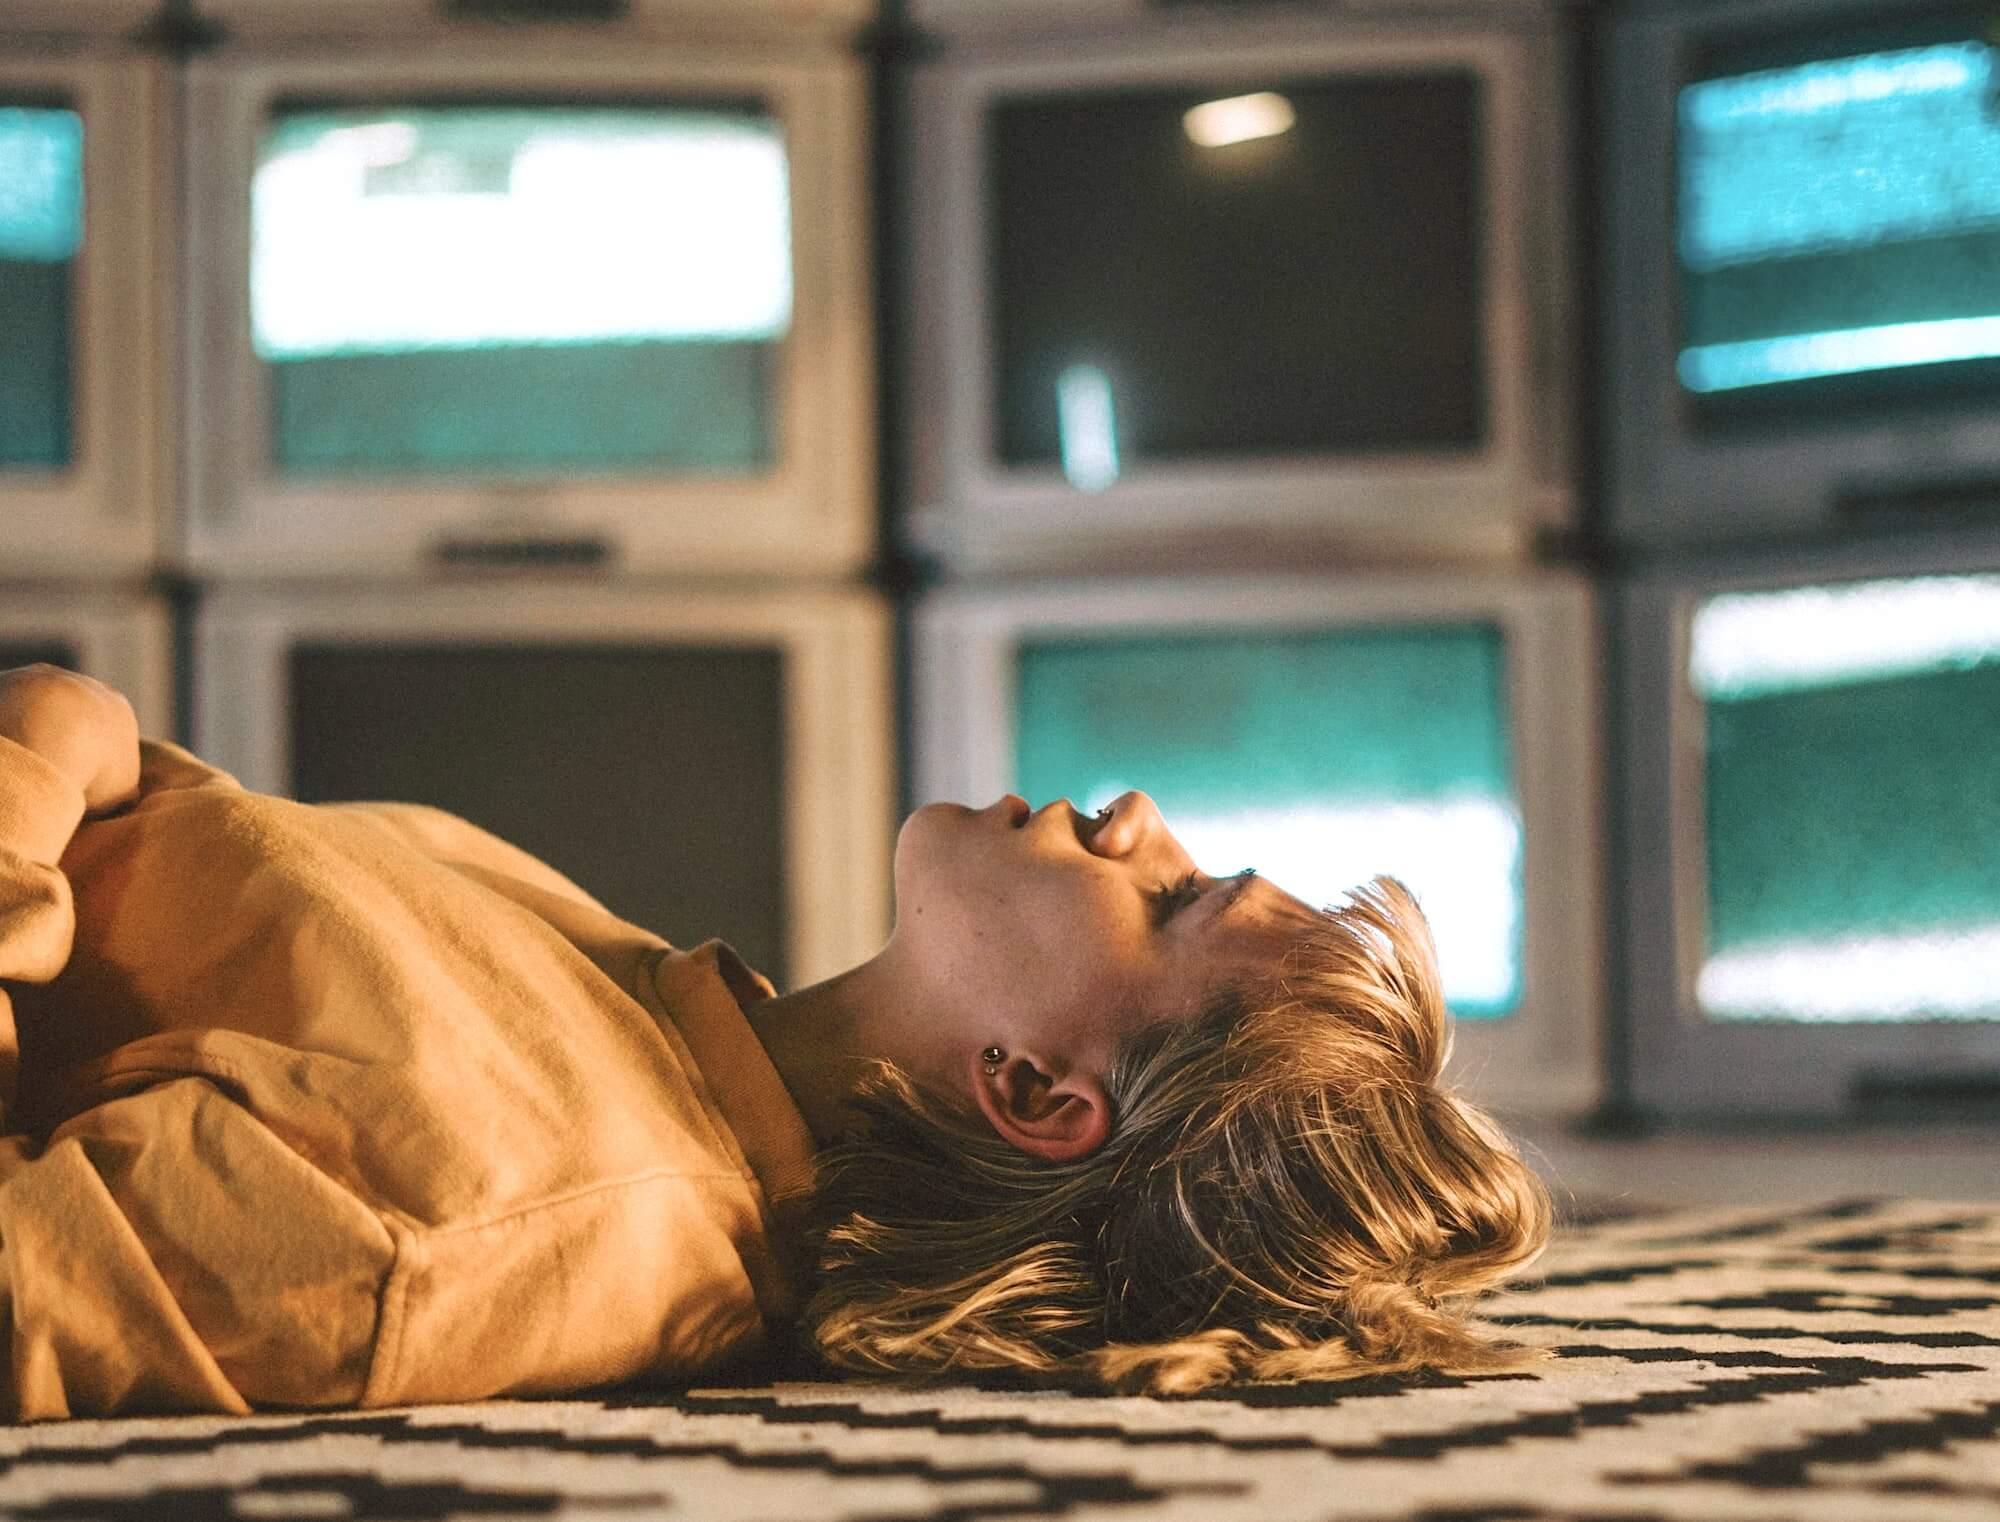 Фотография: Levi Stute. Источник: Unsplash.com